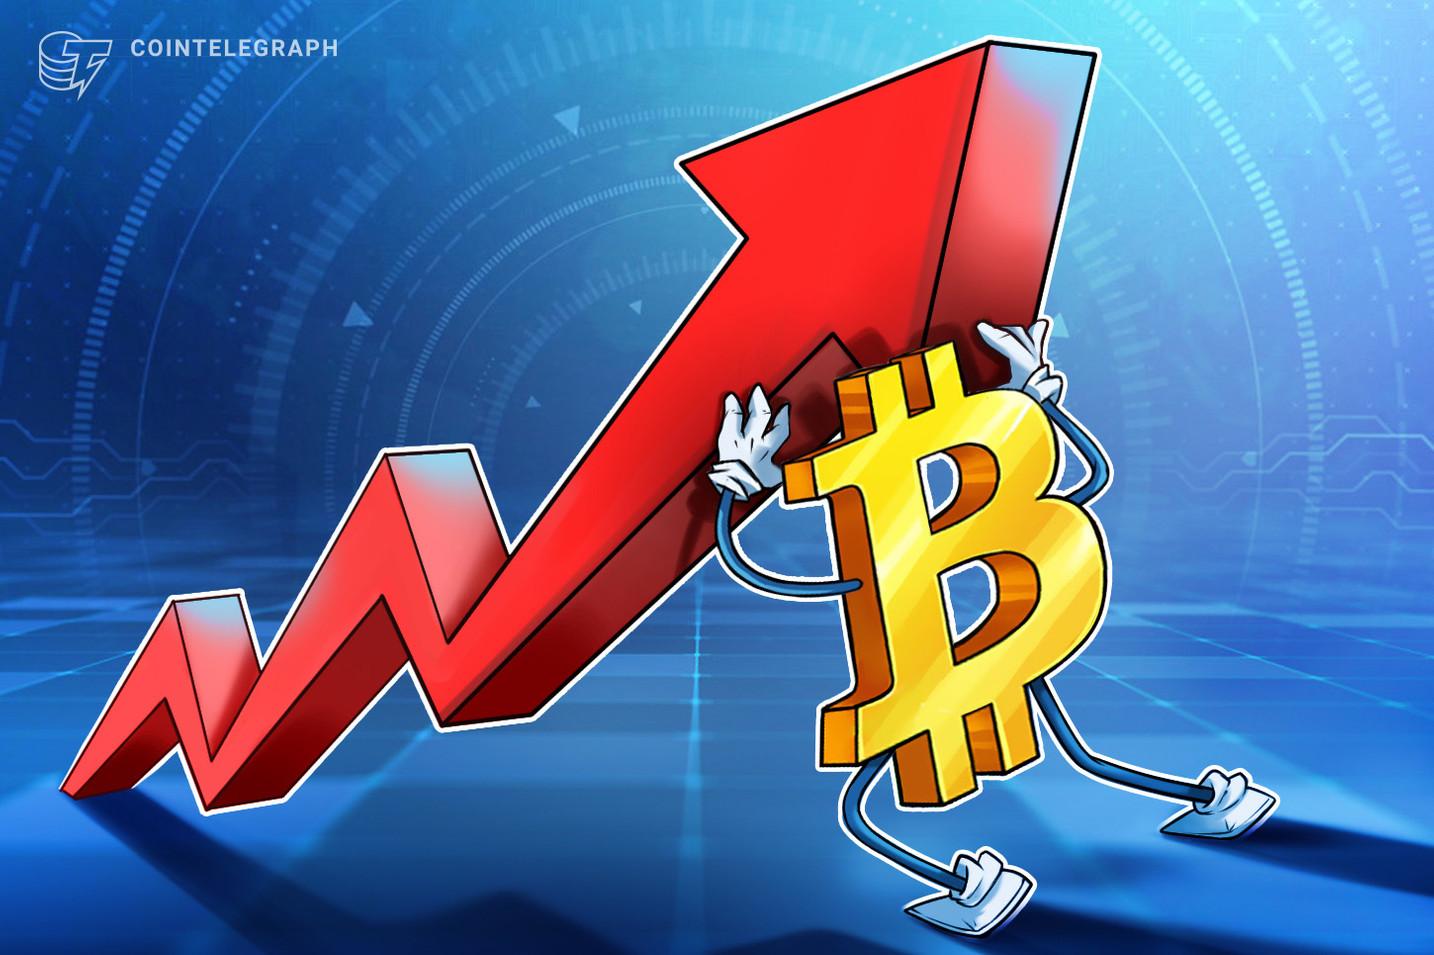 Precio de Bitcoin bajó repentinamente a USD 11,200 tras la decepcionante publicación del número de empleos de EEUU